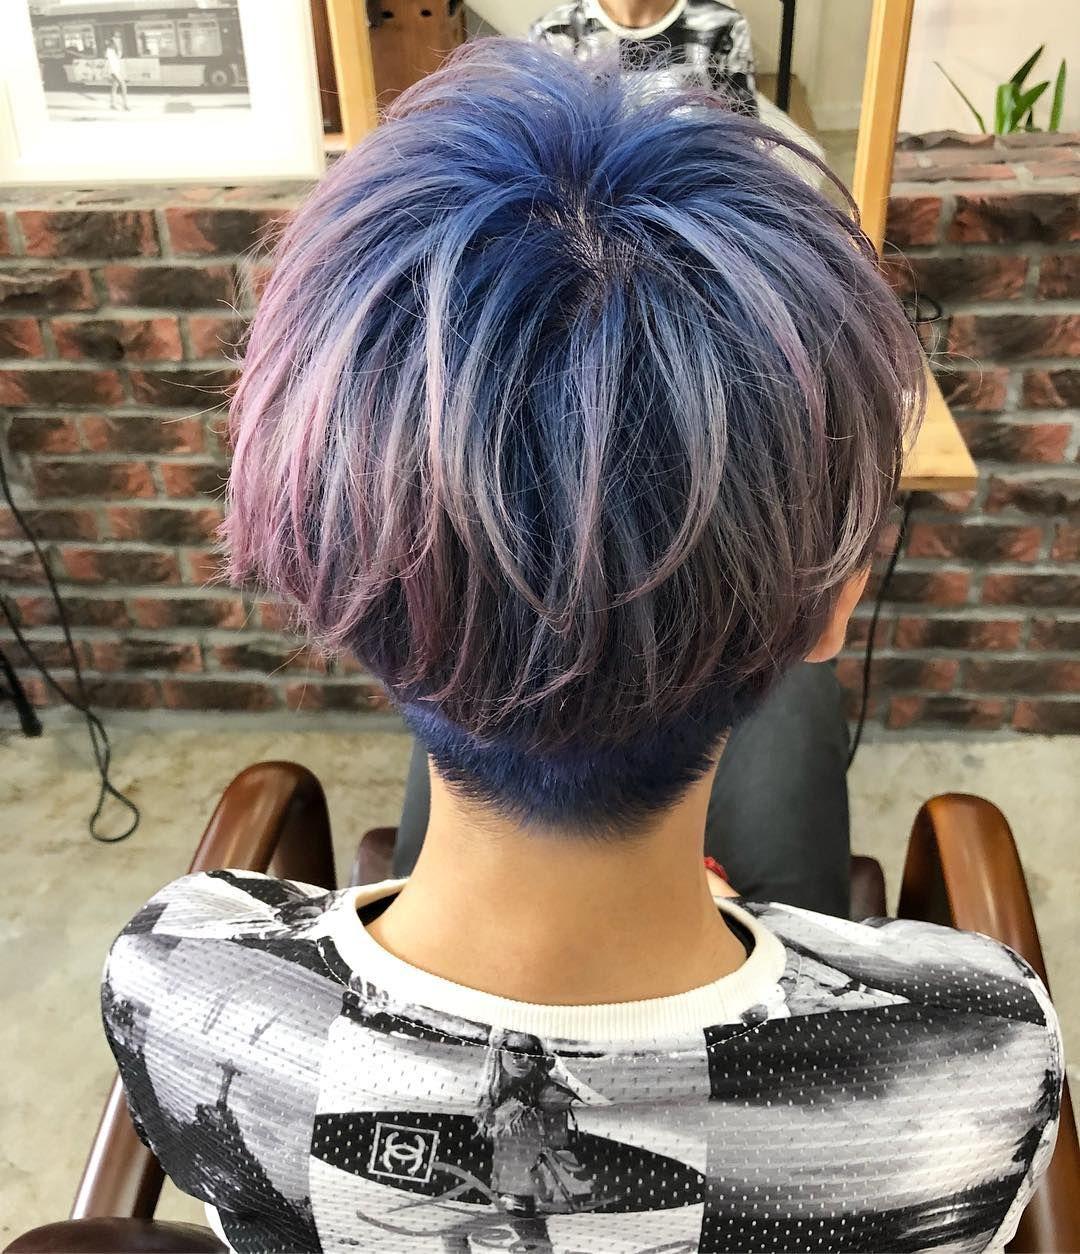 ヘアデザイナー Ikedaiさんはinstagramを利用しています ブルー